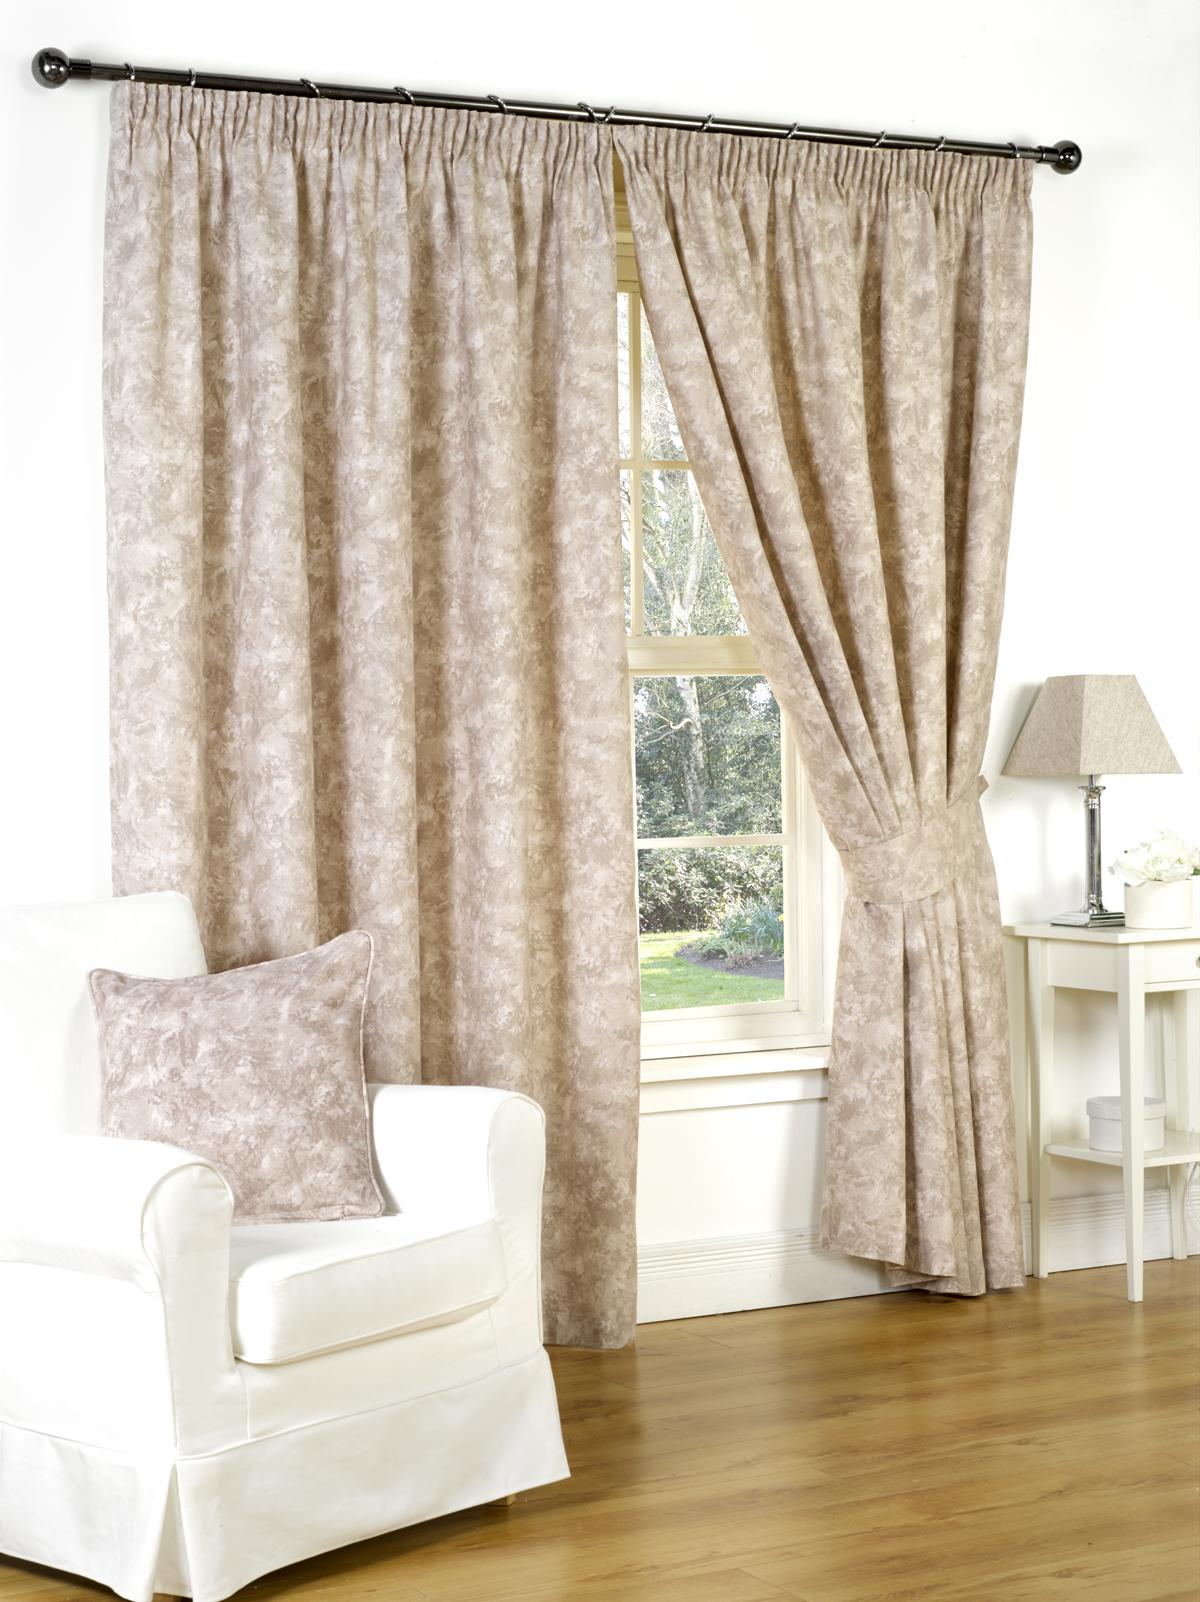 rideaux doubl s modernes pr ts poser diff rentes accessoires couleurs tailles ebay. Black Bedroom Furniture Sets. Home Design Ideas